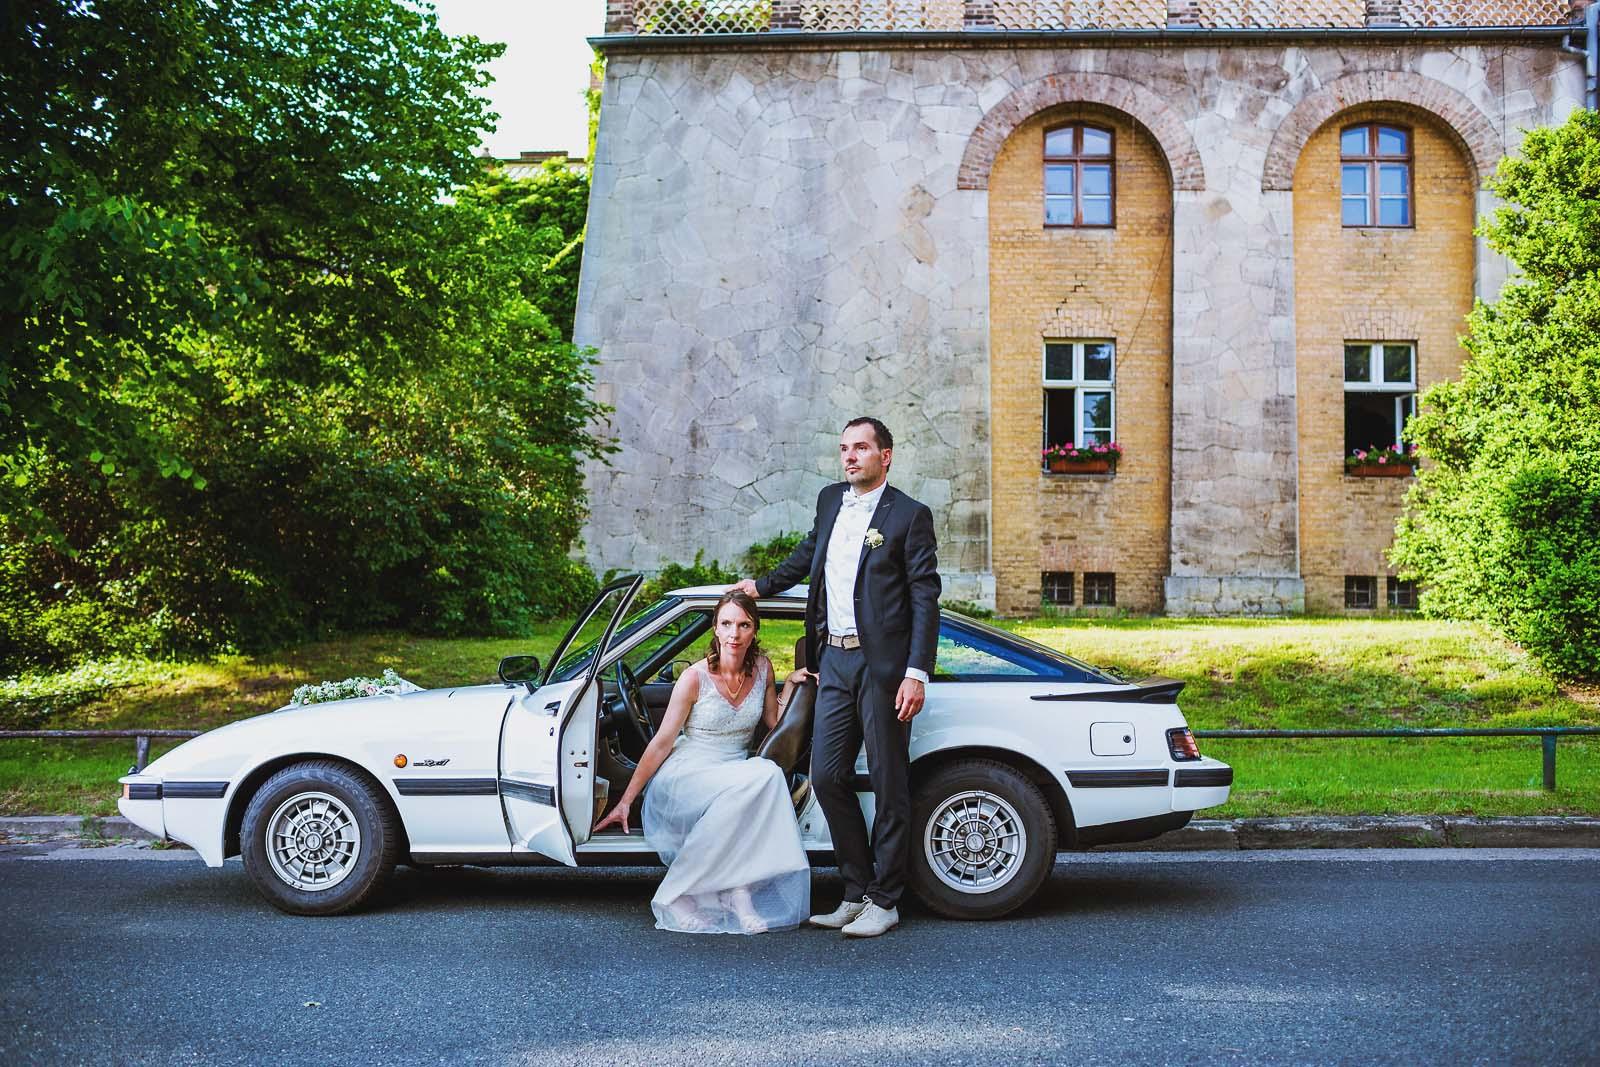 Hochzeitsfotograf Potsdam Hochzeitsportrait mit Mazda RX im Schlosspark Sanssouci Copyright by Hochzeitsfotograf www.berliner-hochzeitsfotografie.de